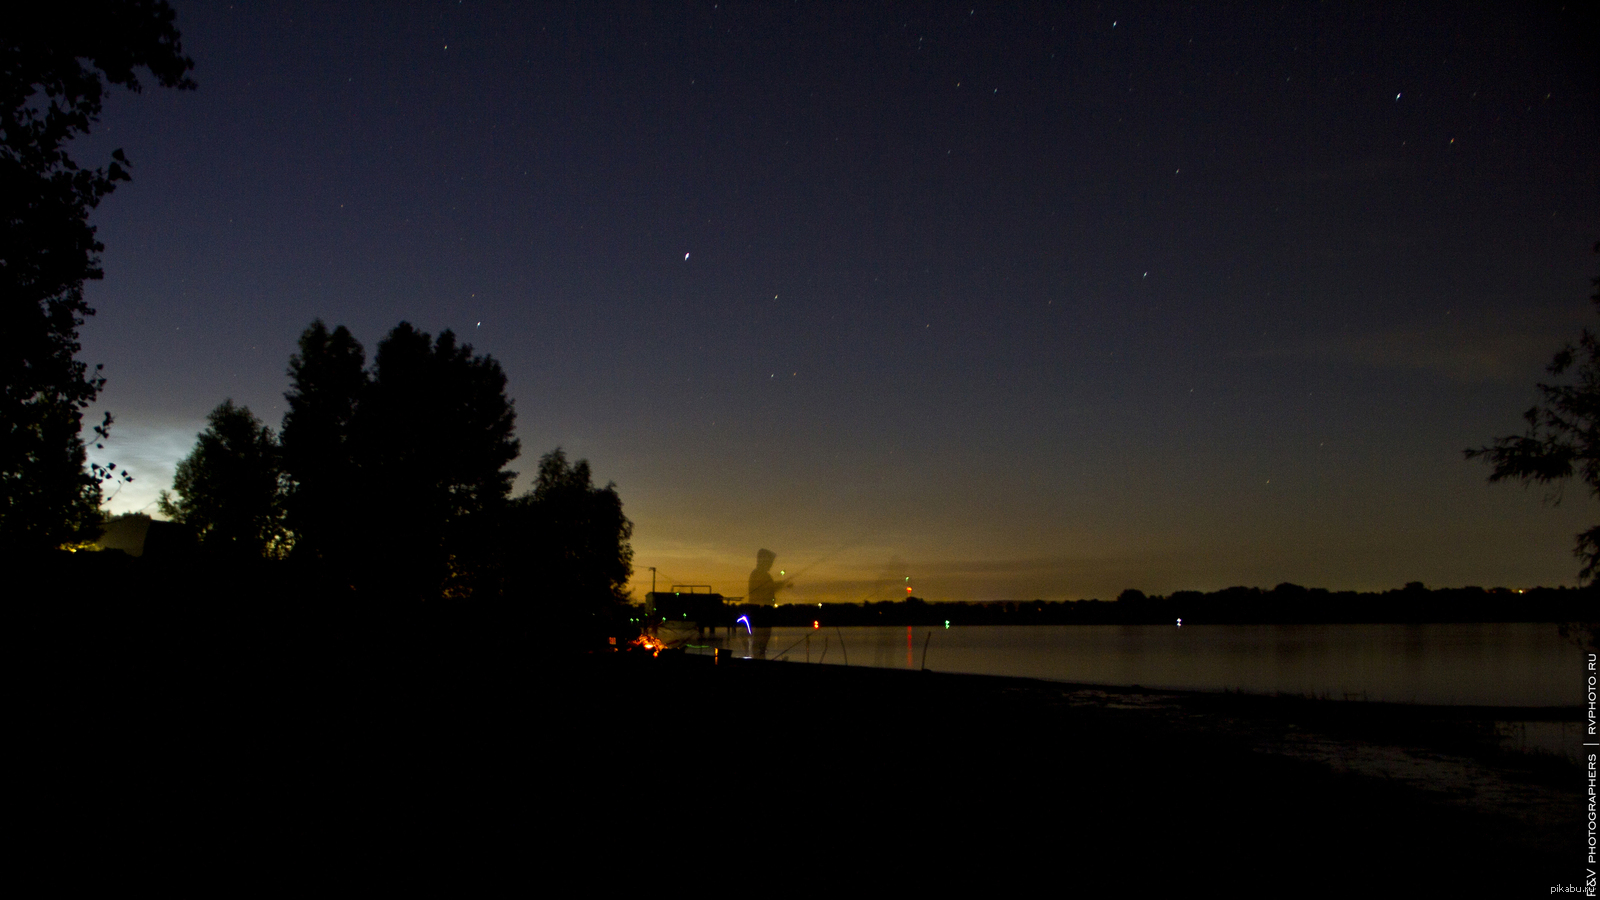 Меню. рыбалка. admin@m-pikabu.ru. новосибирск. берег. ночь.  4. Горячее.  Полная версия. фото в...